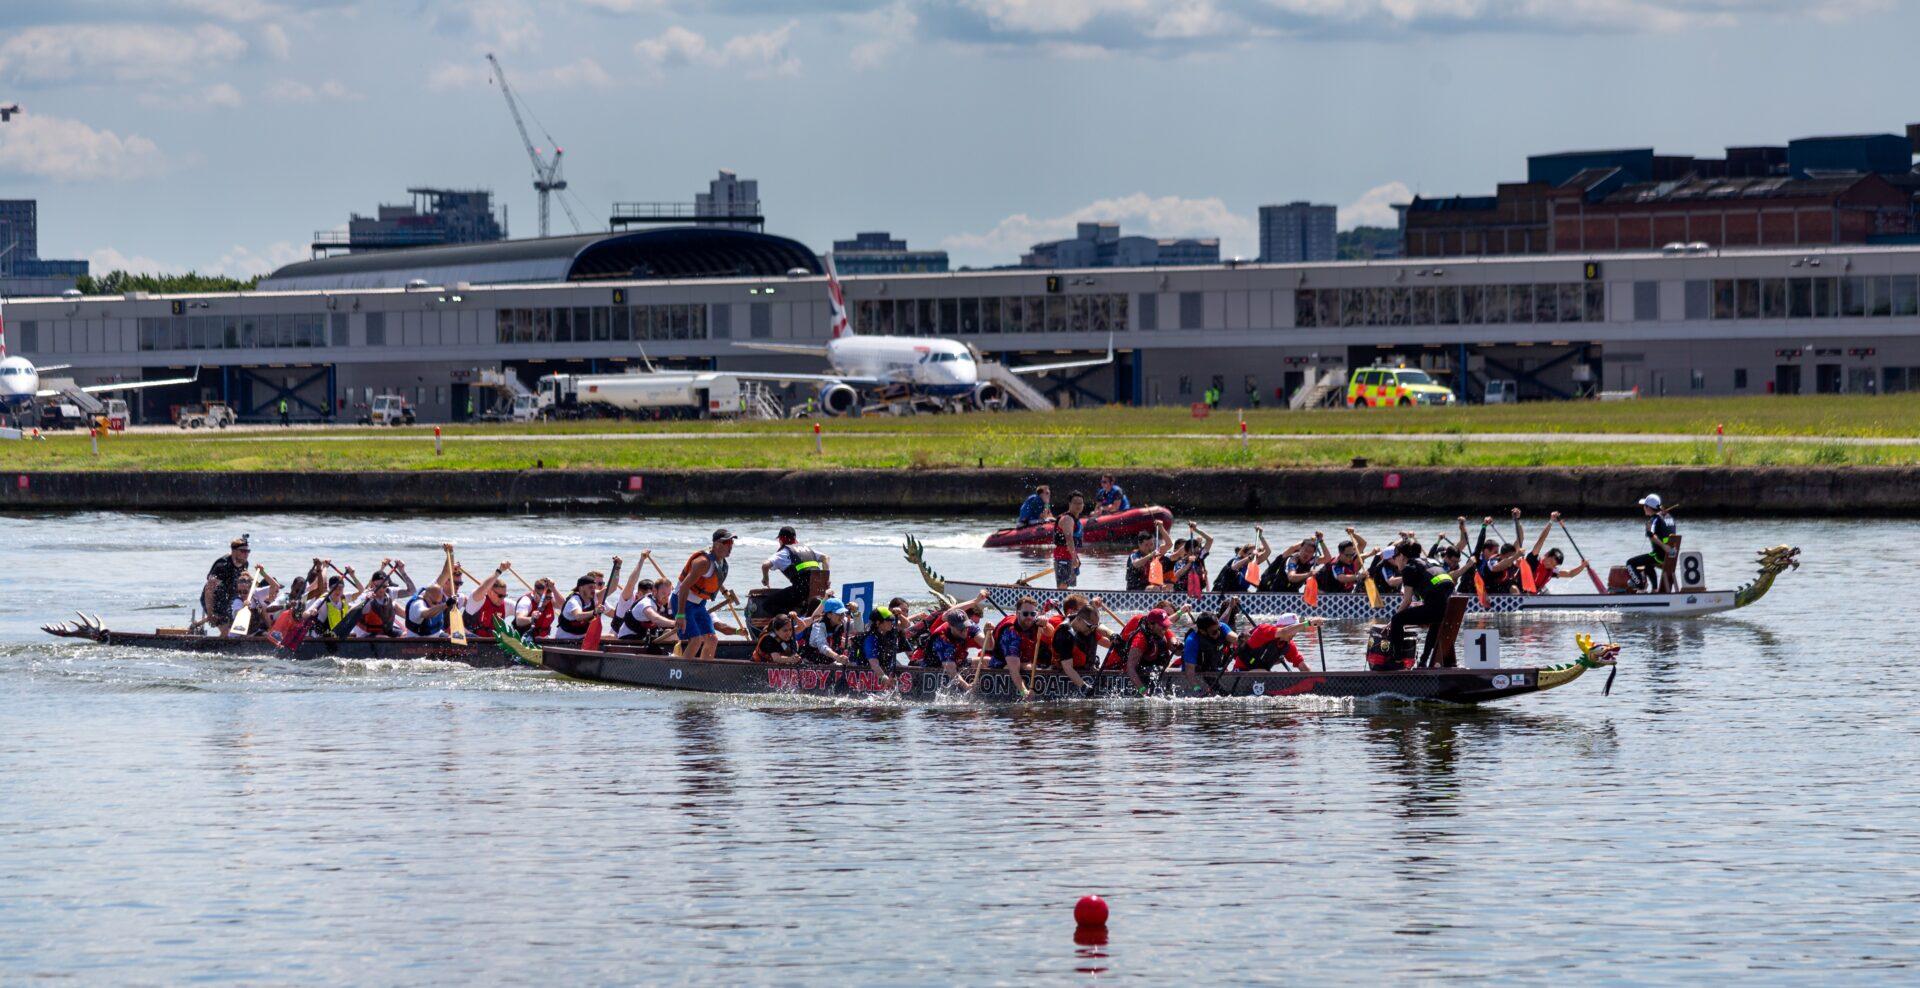 Dragon Boats racing at the 2018 London Hong Kong Dragon Boat Festival